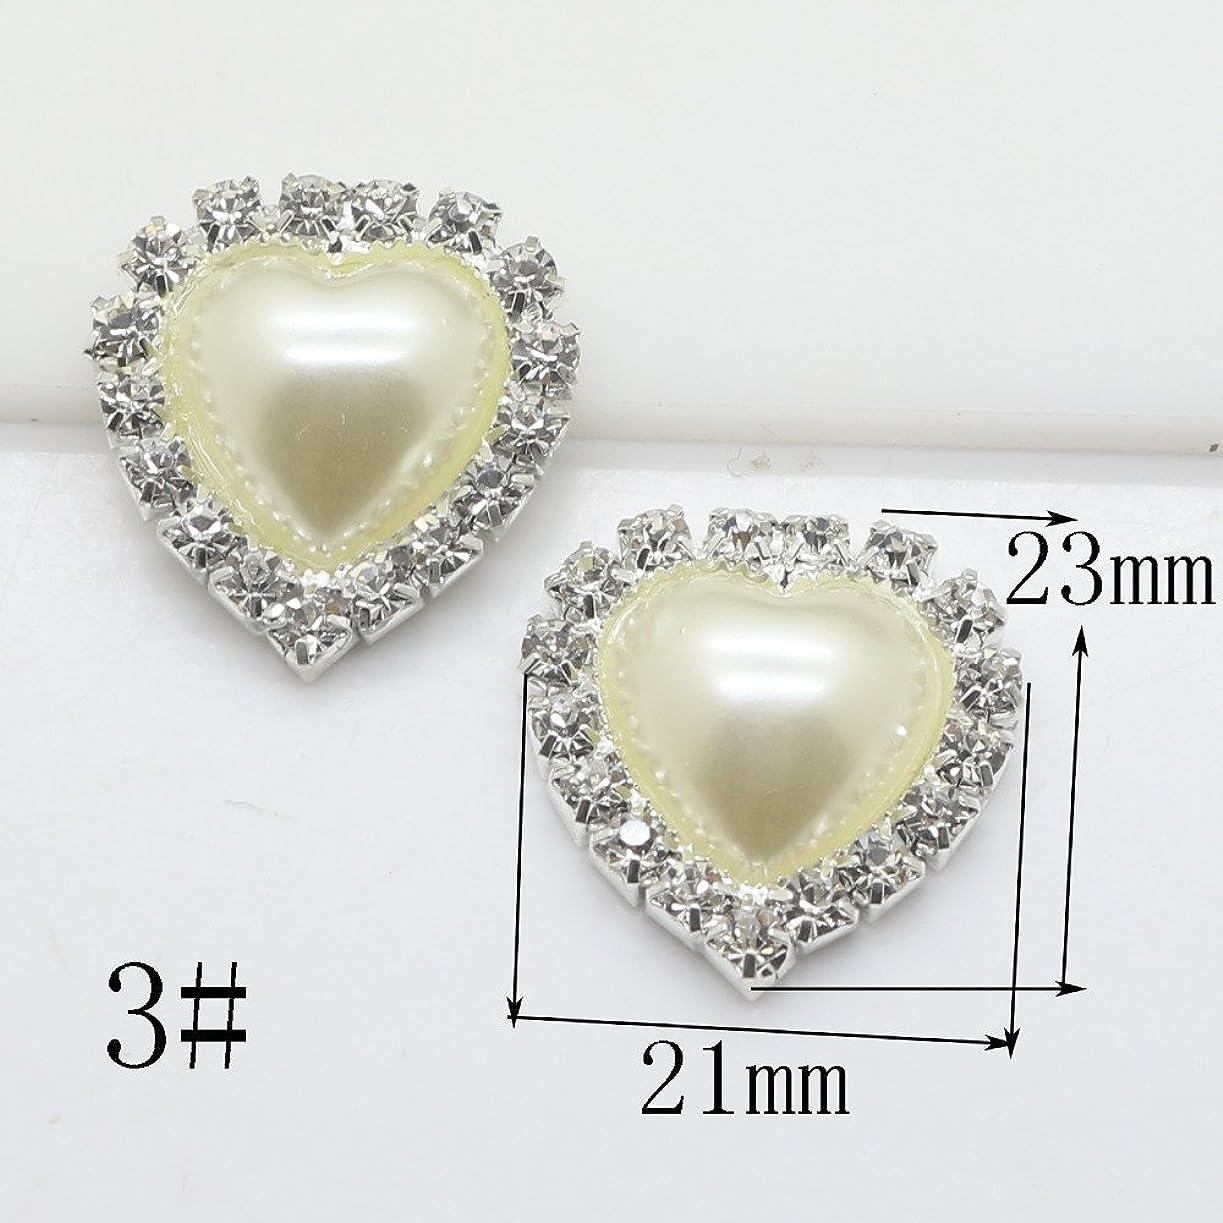 できるしたいアーカイブPropenary - 10PCアイボリーパールラインストーンボタン金属の結婚式の招待状は、ボタンインチキヘアフラワーセンタースクラップブックを飾ります